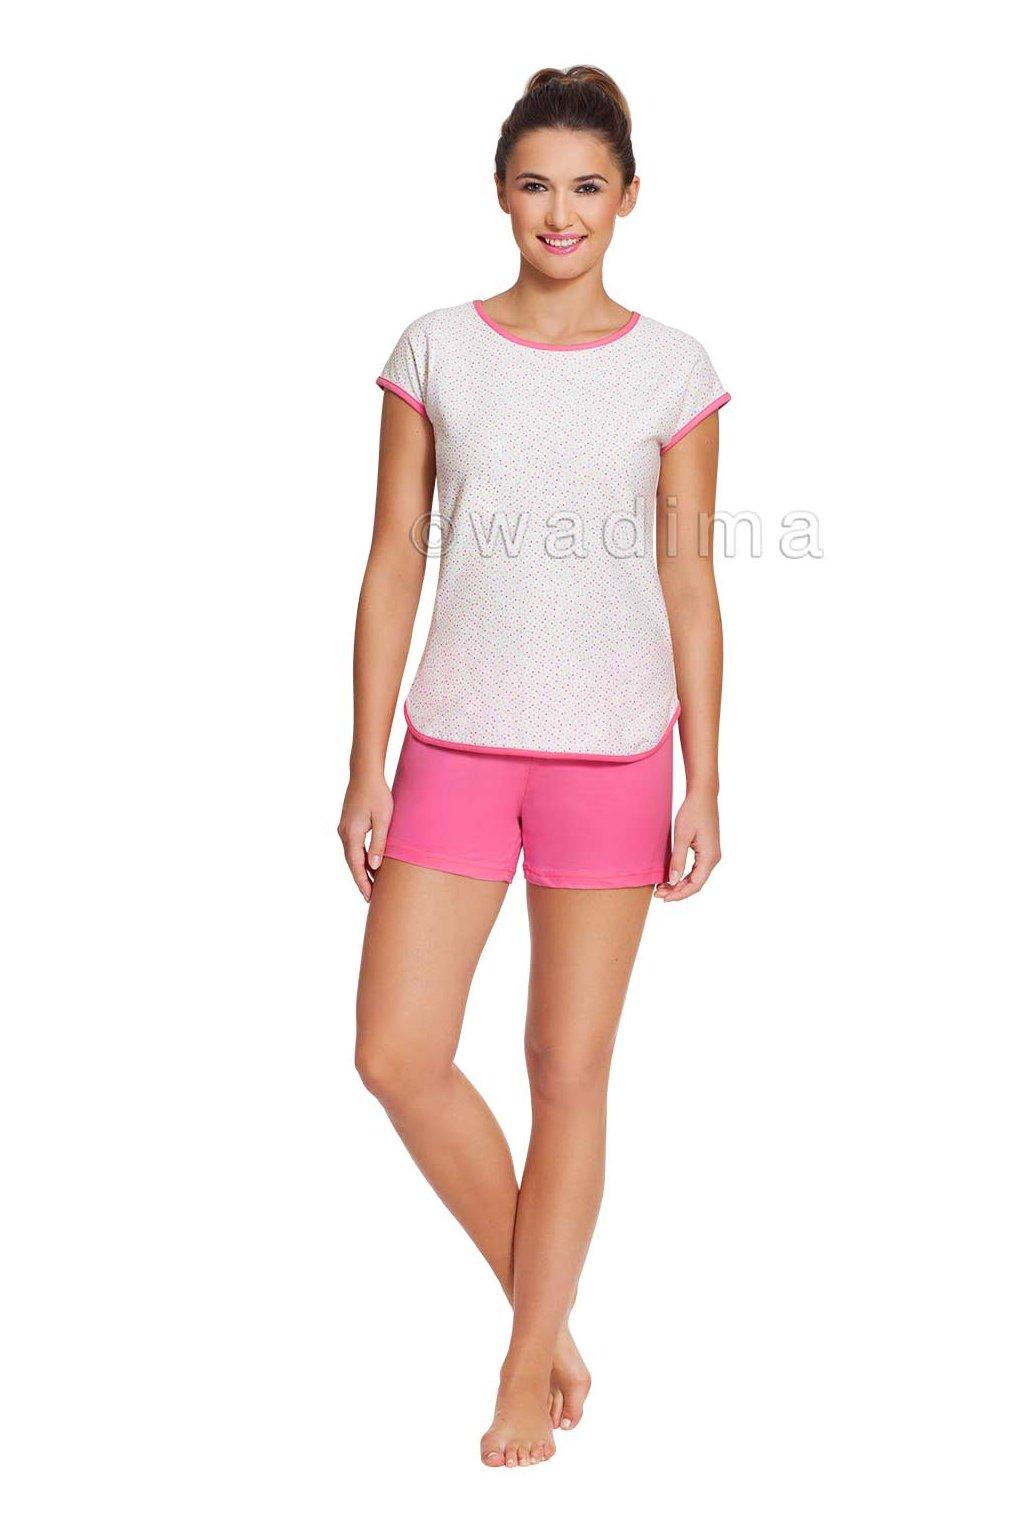 Dámské pyžamo s krátkým rukávem, 104361 11, růžová